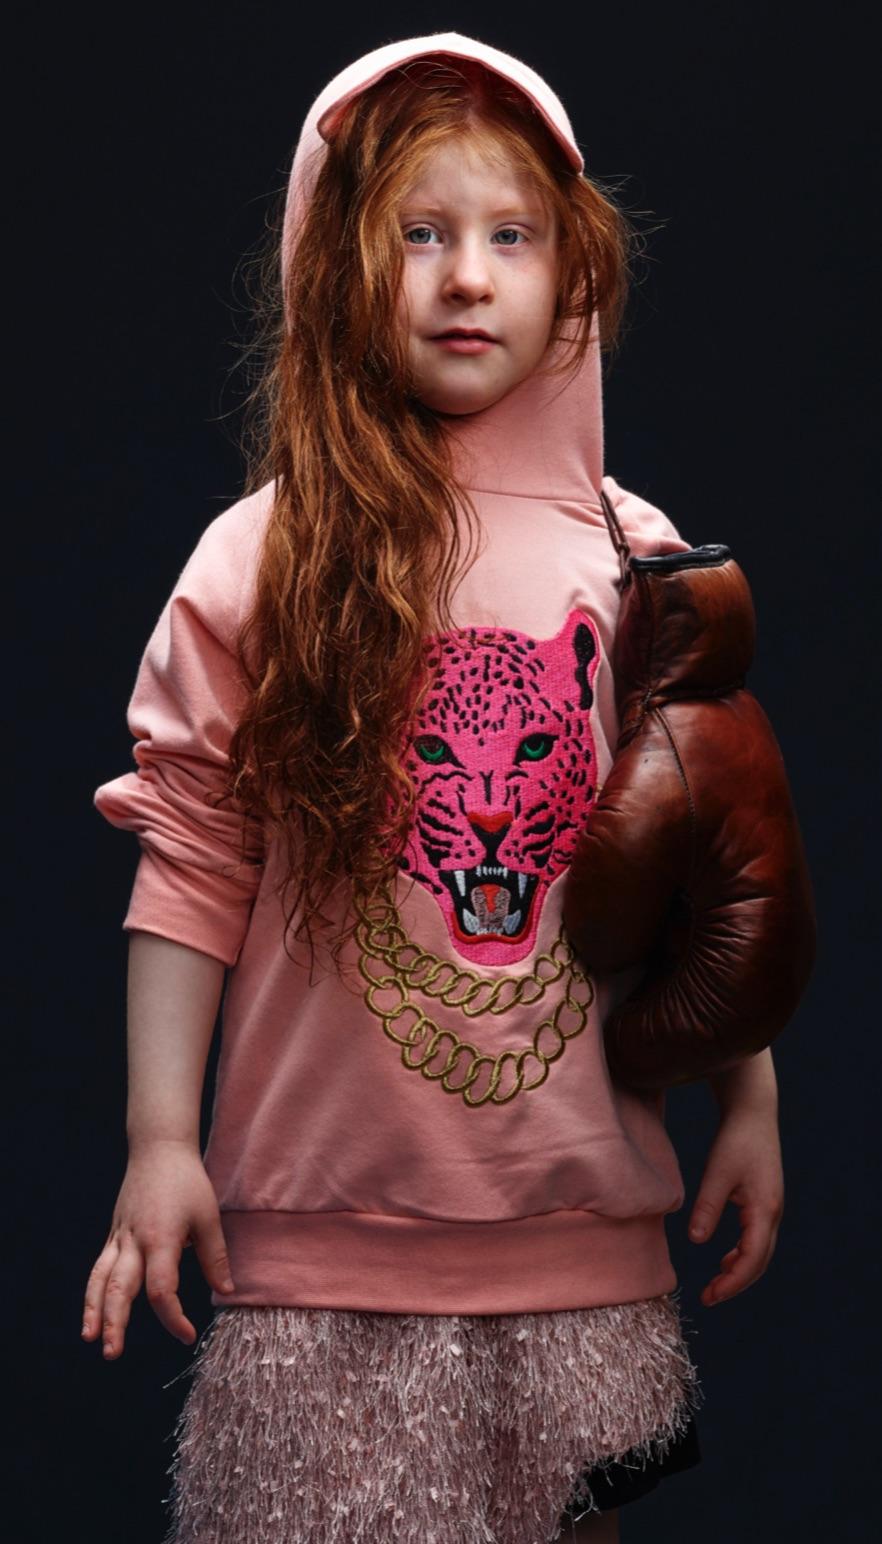 bangbang copenhagen pink panther sweatshirt